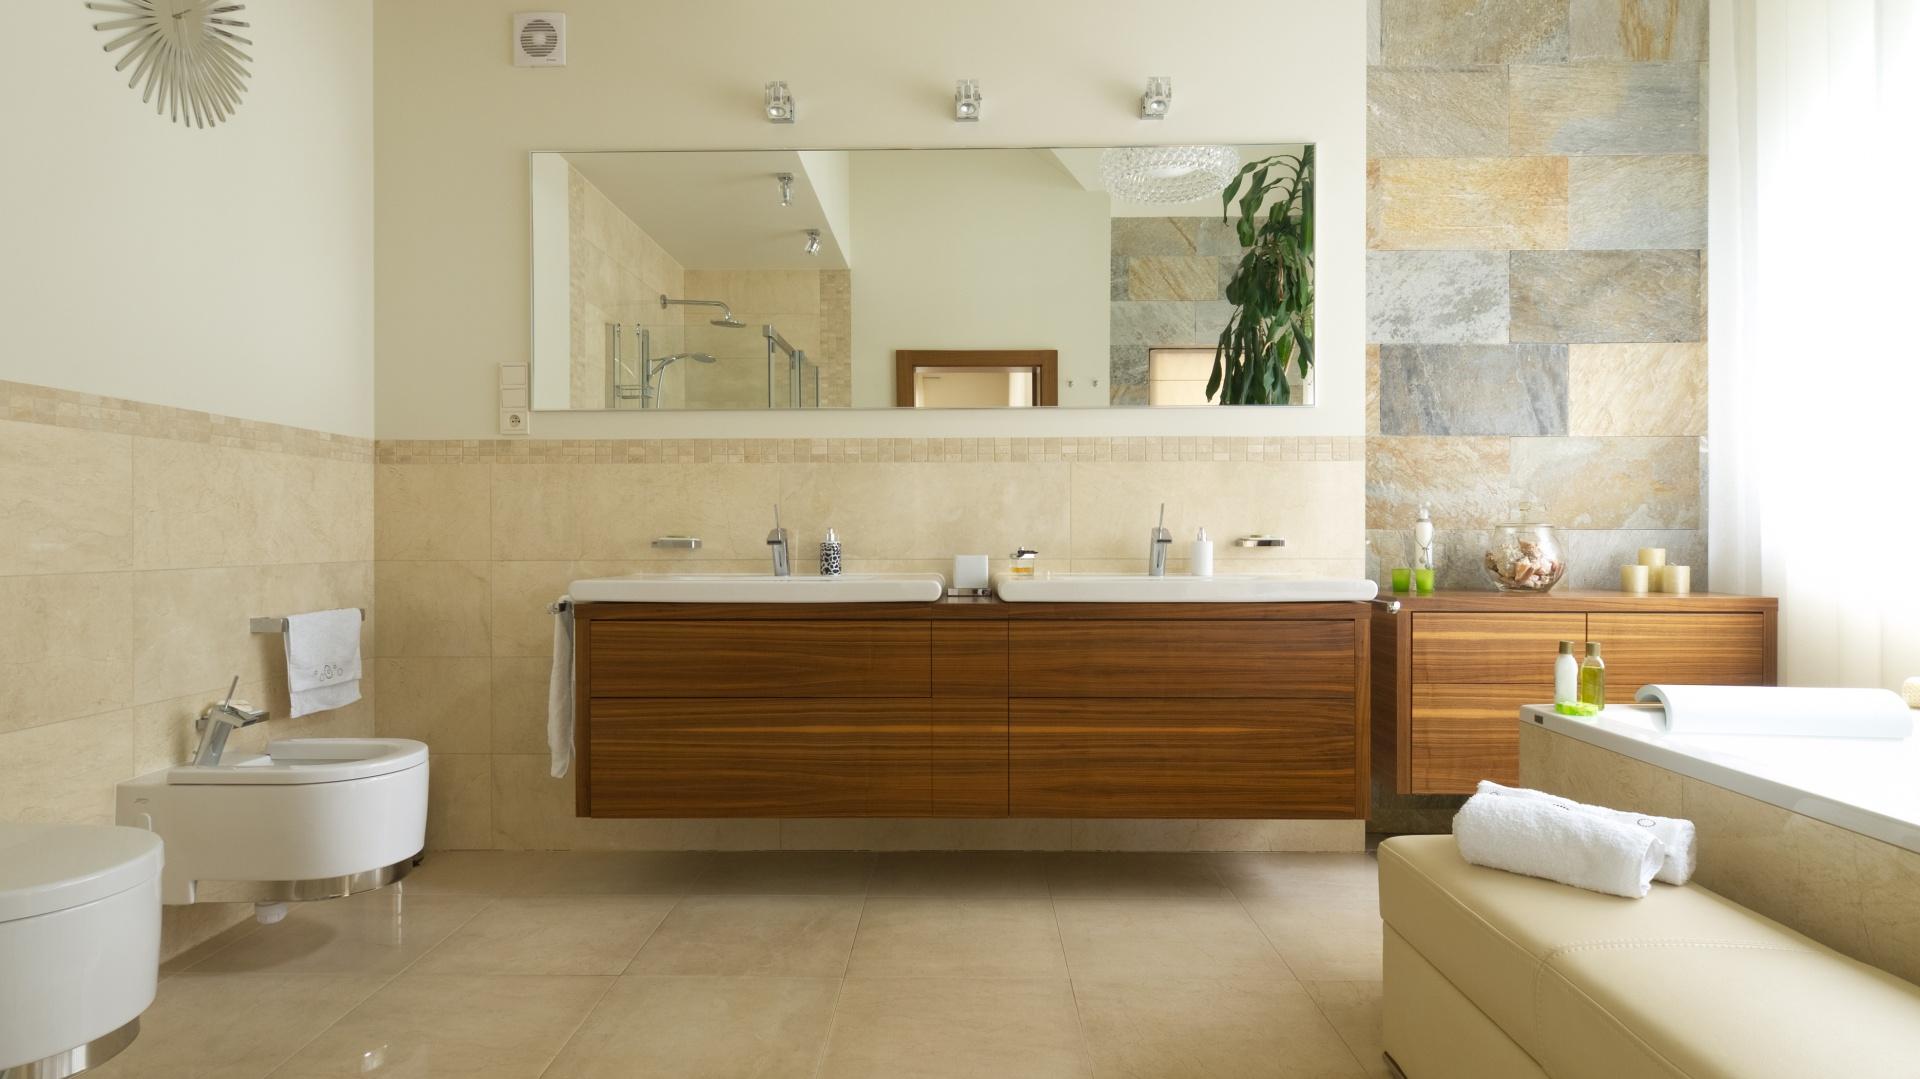 Łazienka urządzona w ciepłych beżach oraz z dodatkami drewna. Powierzchnia: około 8 m². Projekt: Tomasz Tubisz. Fot. Bartosz Jarosz.